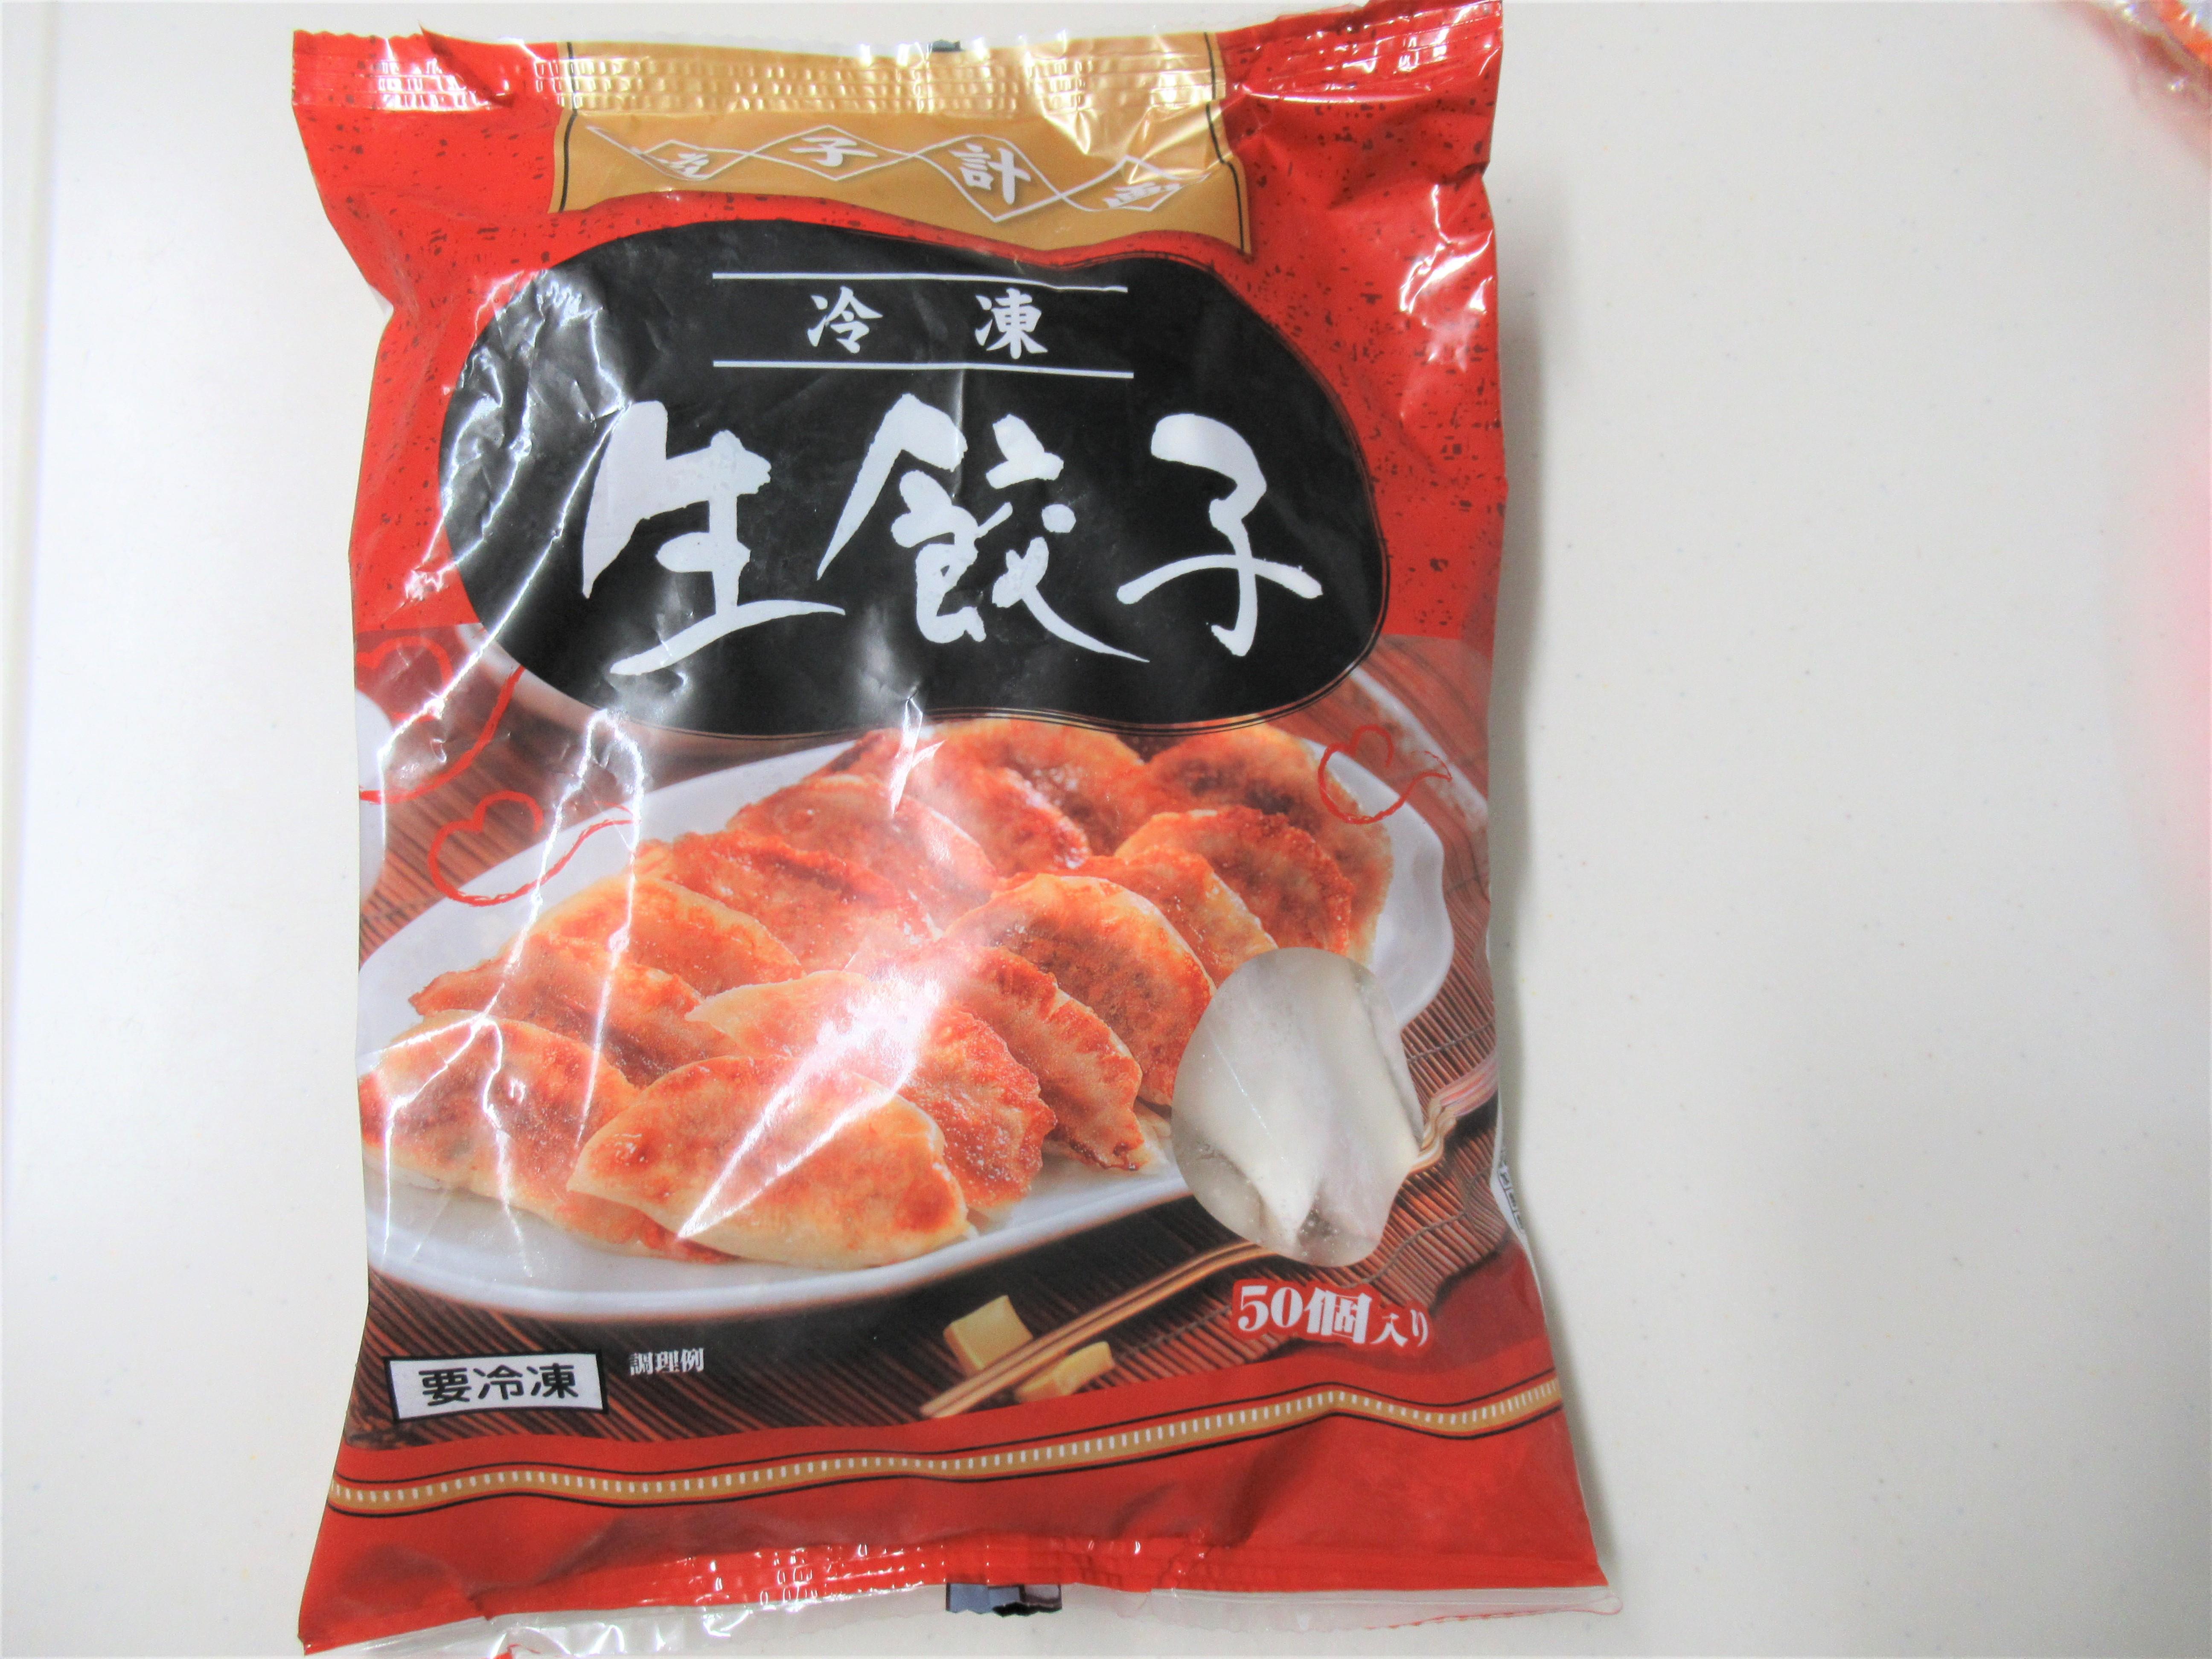 コストコ「餃子計画」冷凍餃子は美味しい?値段と味のレビュー|ラク家事ブログ